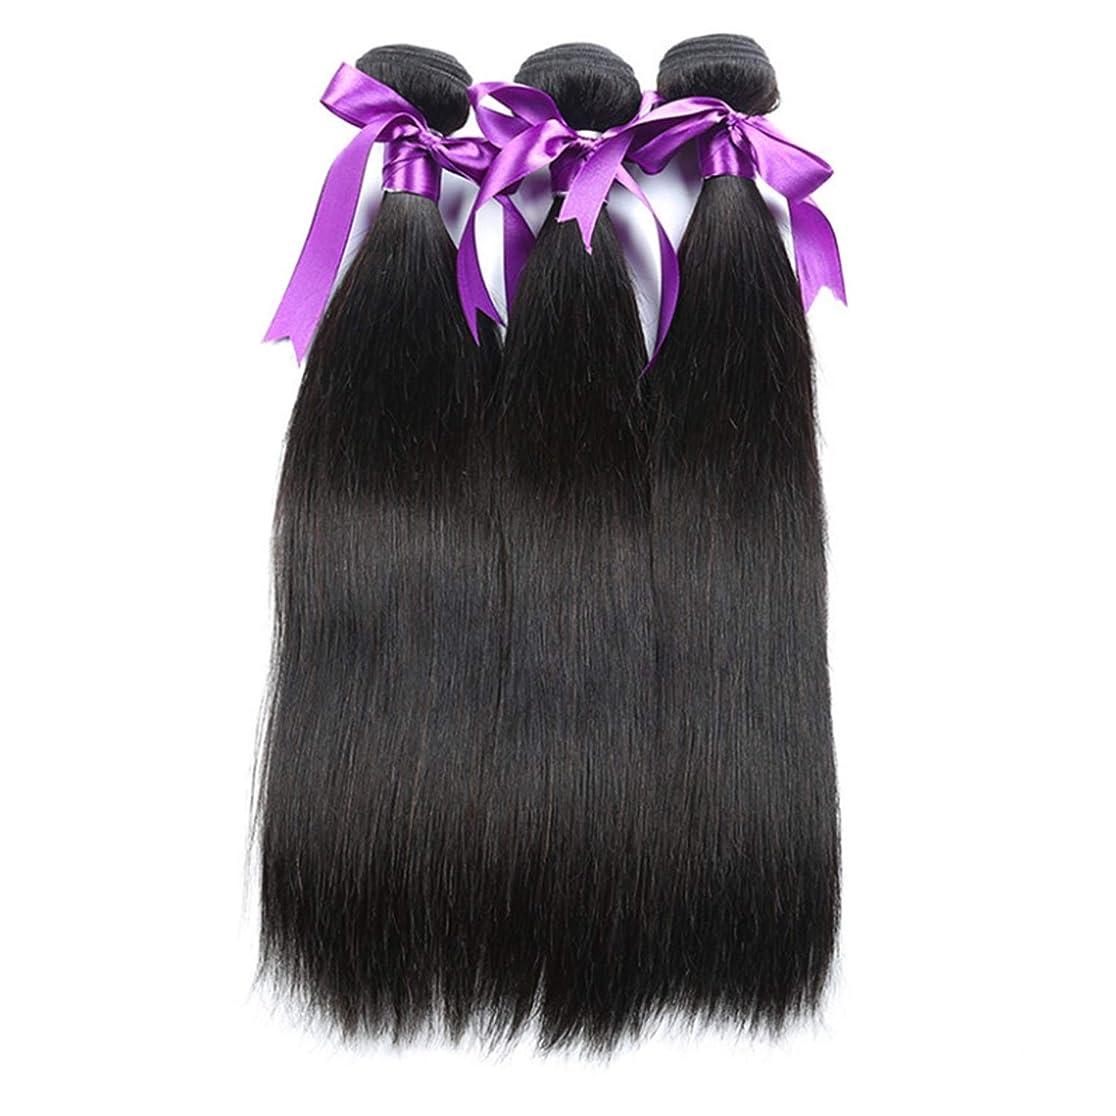 備品キウイ論理的かつら ブラジルストレートヘアバンドル8-28インチ100%人毛織りレミー髪ナチュラルカラー3ピースボディヘアバンドル (Stretched Length : 16 18 20)